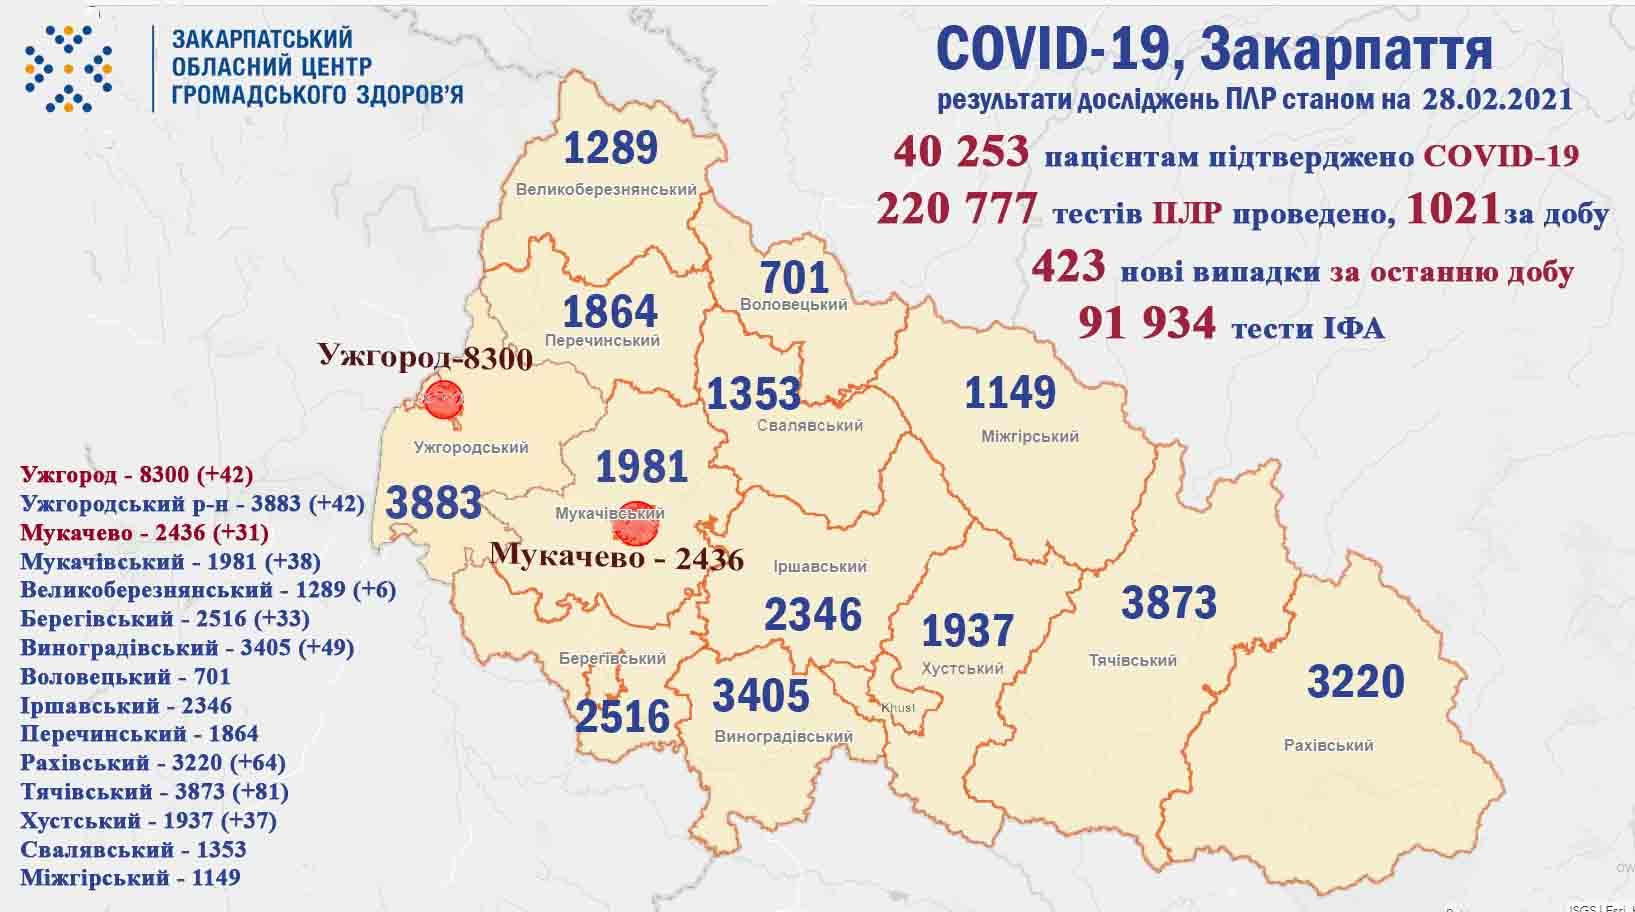 На Закарпатті за минулу добу у 423 пацієнтів підтверджено коронавірус